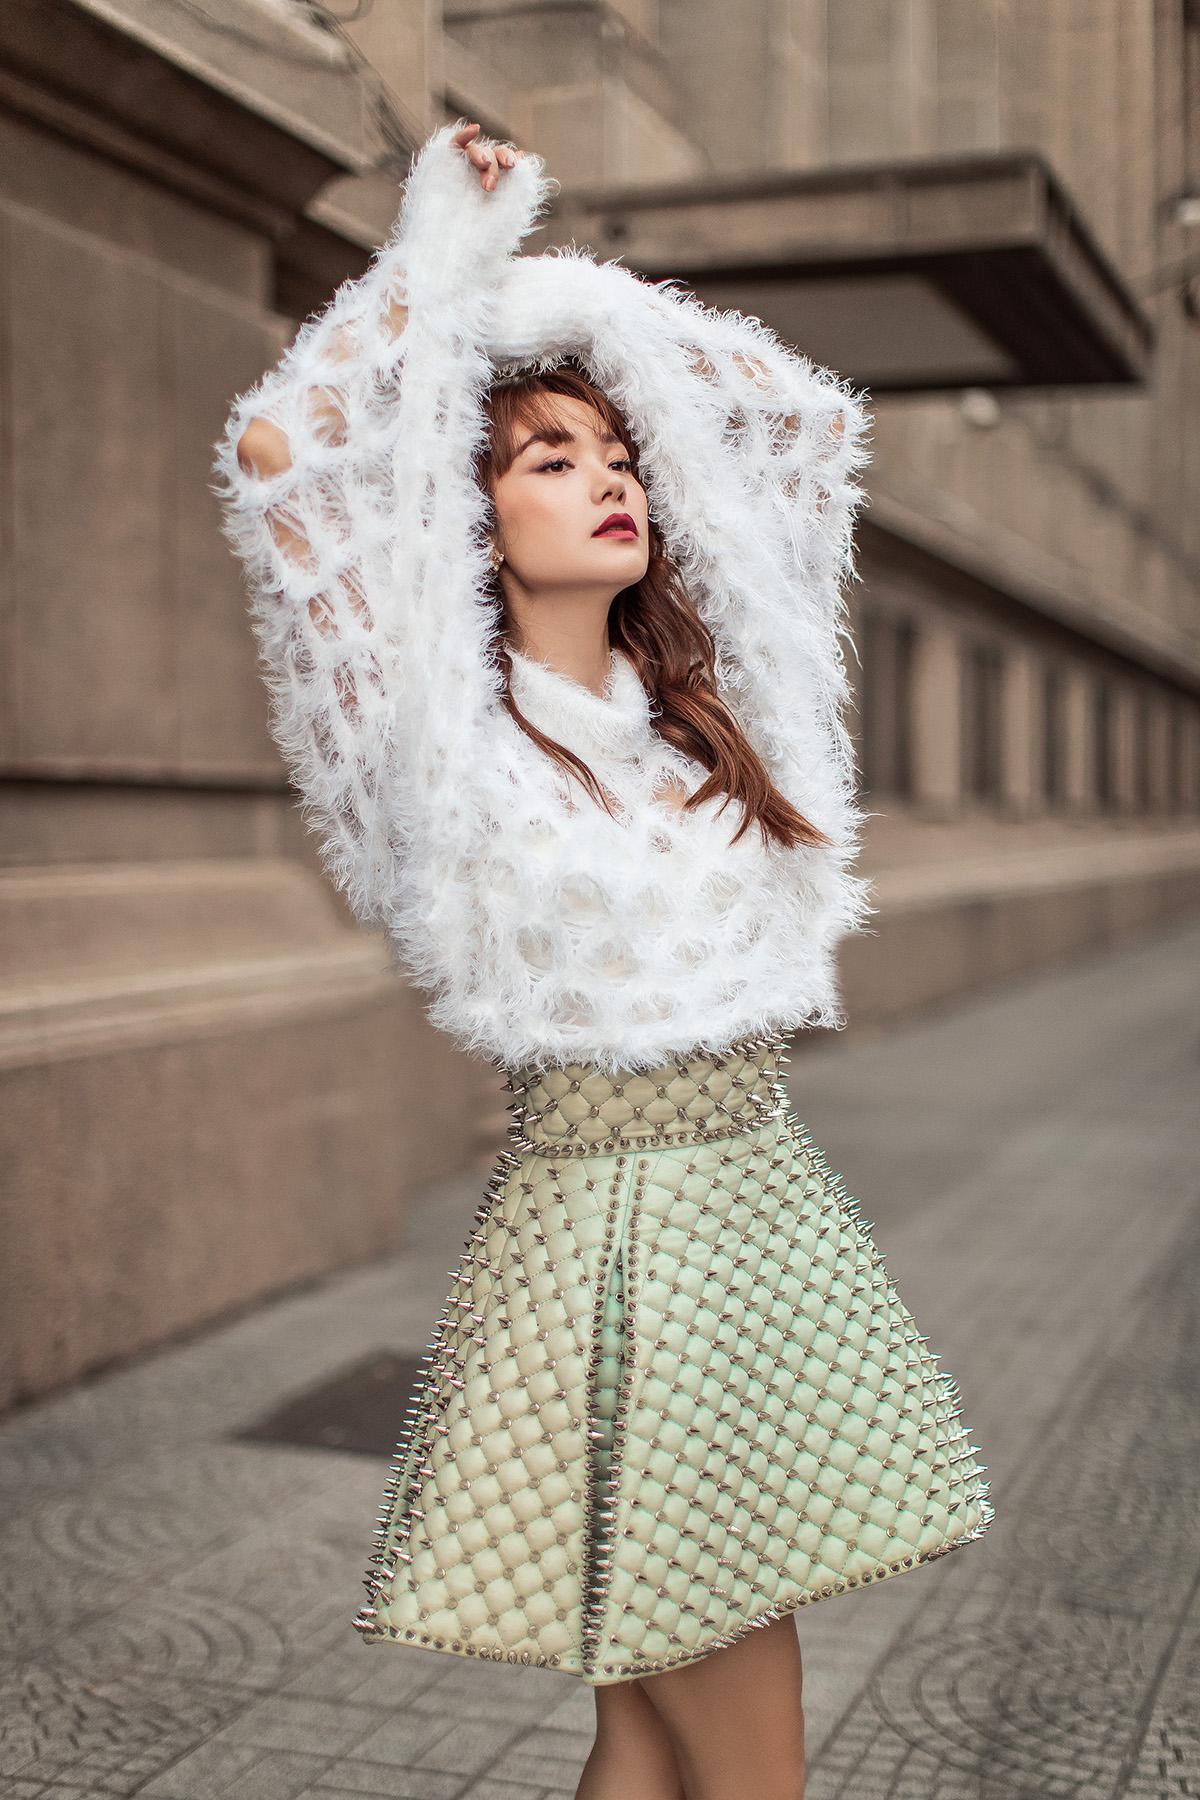 Chân váy màu xanh pastel được Minh Hằng kết hợp hài hoà với chiếc áo màu trắng trẻ trung. Nếu như chi tiết đính đinh tán mang đến sự cá tính, mạnh mẽ thì phần lông đính kết lại thể hiện sự mềm mại, quyến rũ.